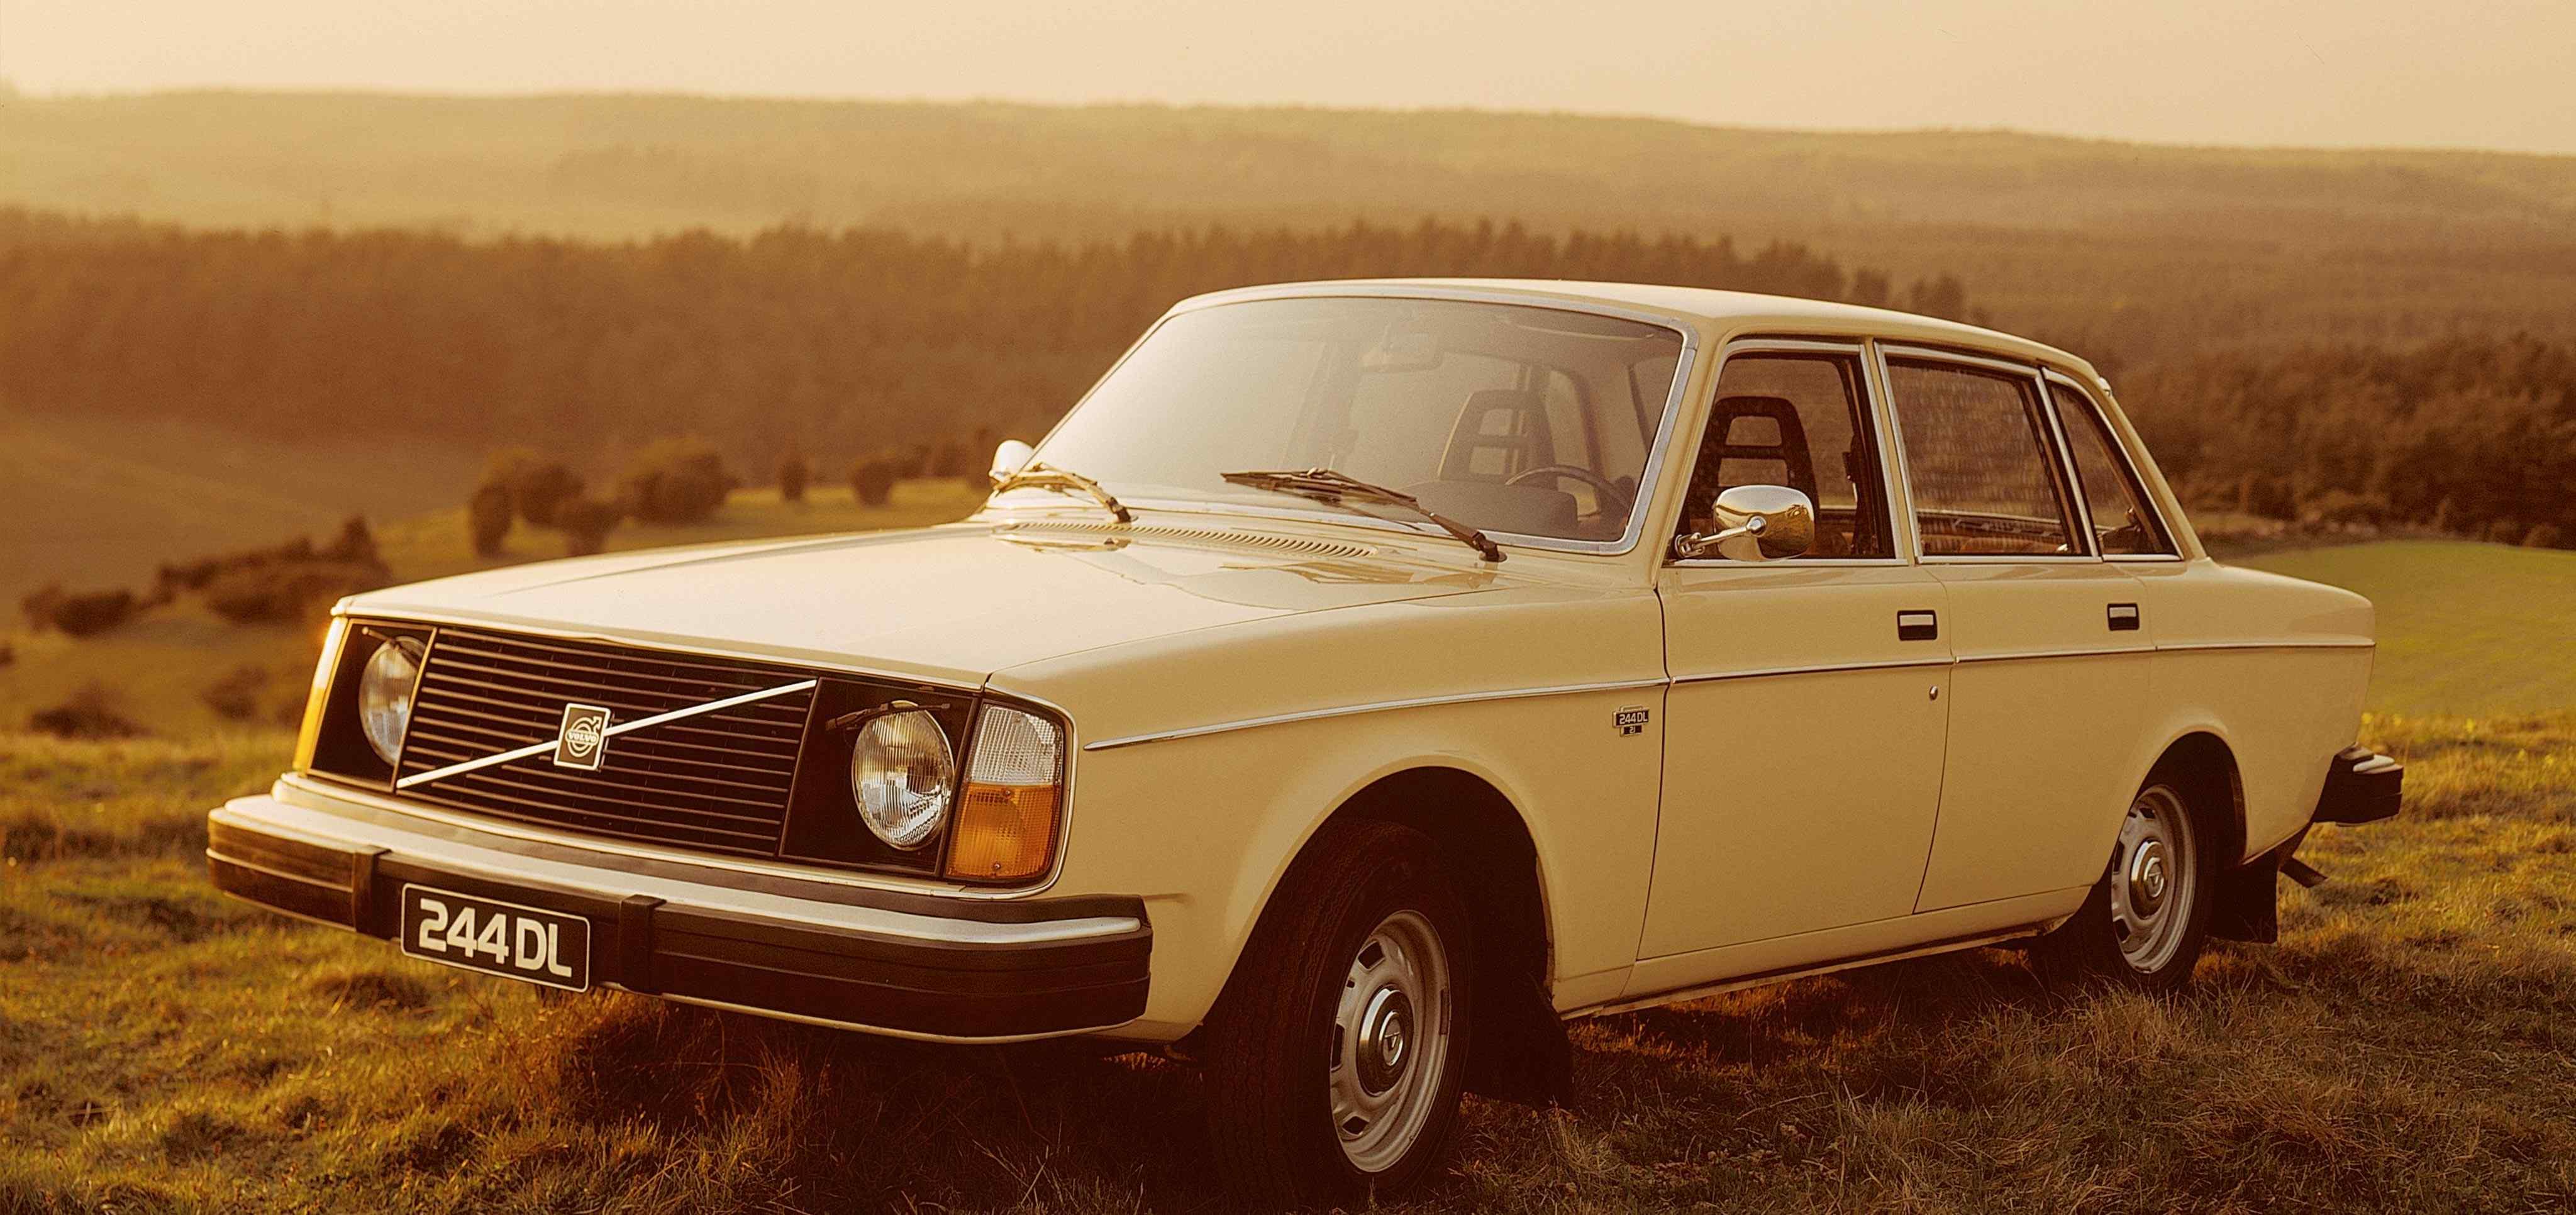 Un Volvo 244 color amarillo claro aparcado en lo alto de una colina con hierba